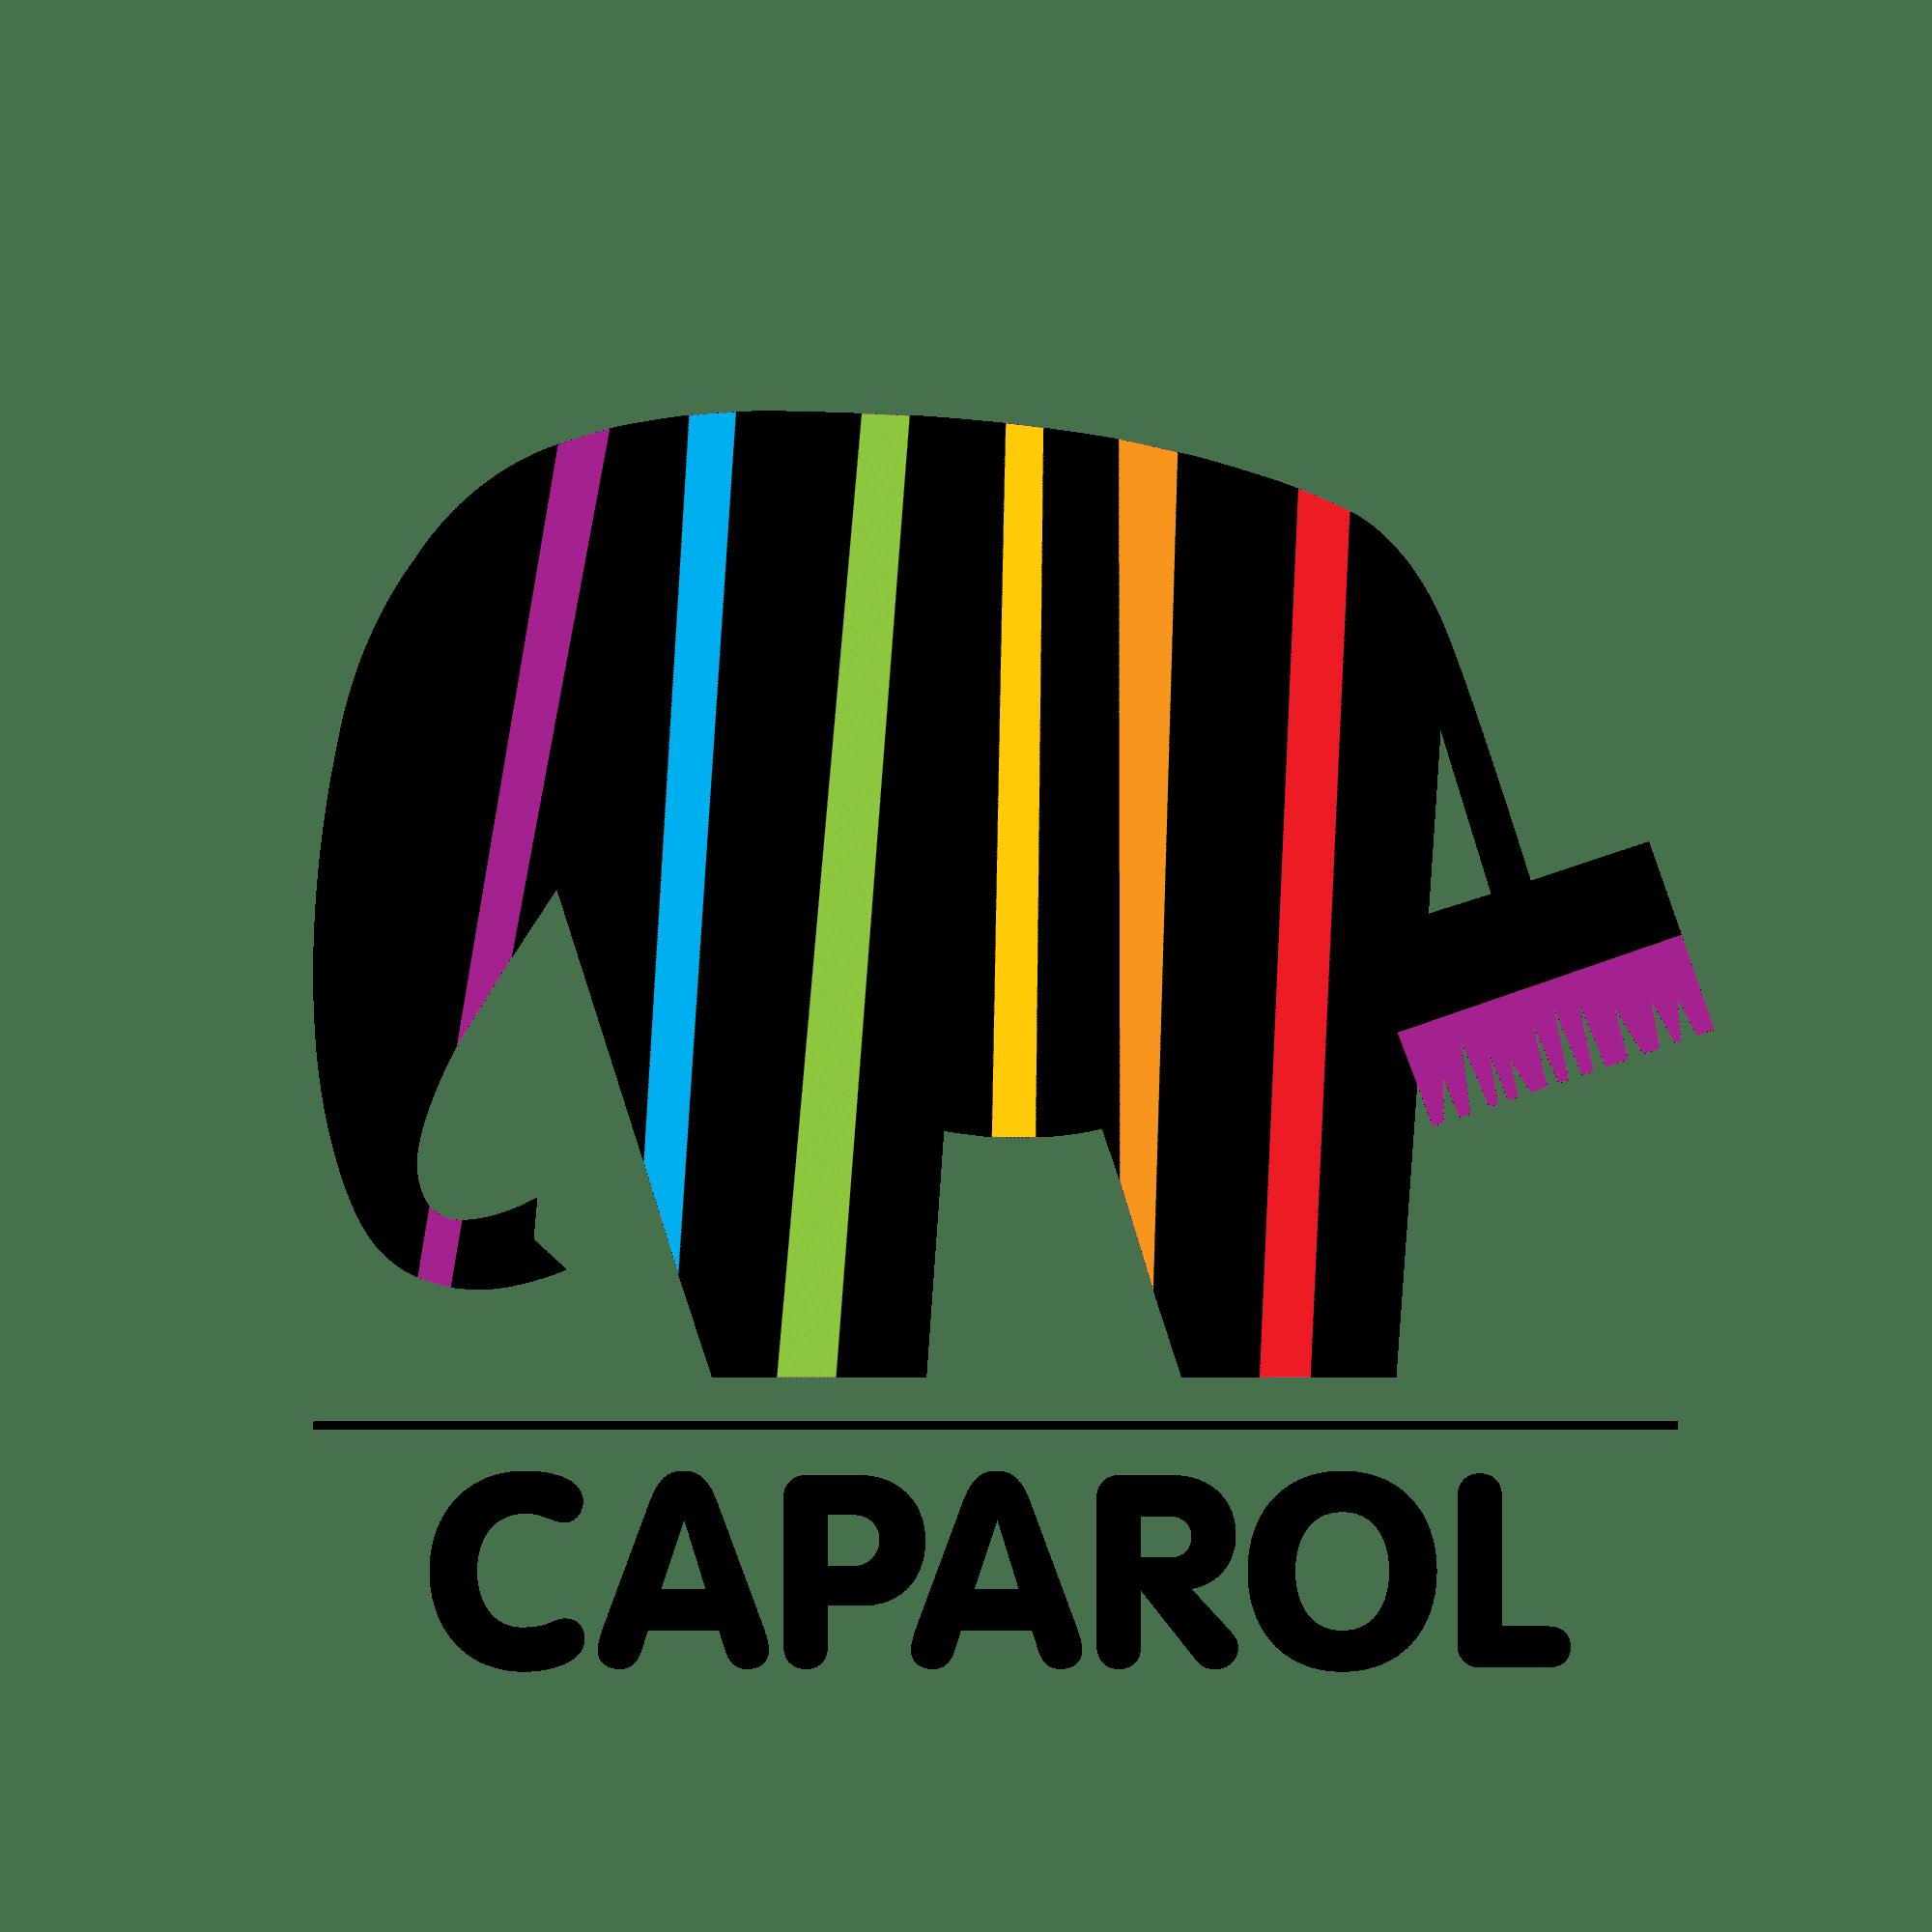 CapaNews Special:  Оновлений дизайн фасадних фарб – Caparol задає оріентир!